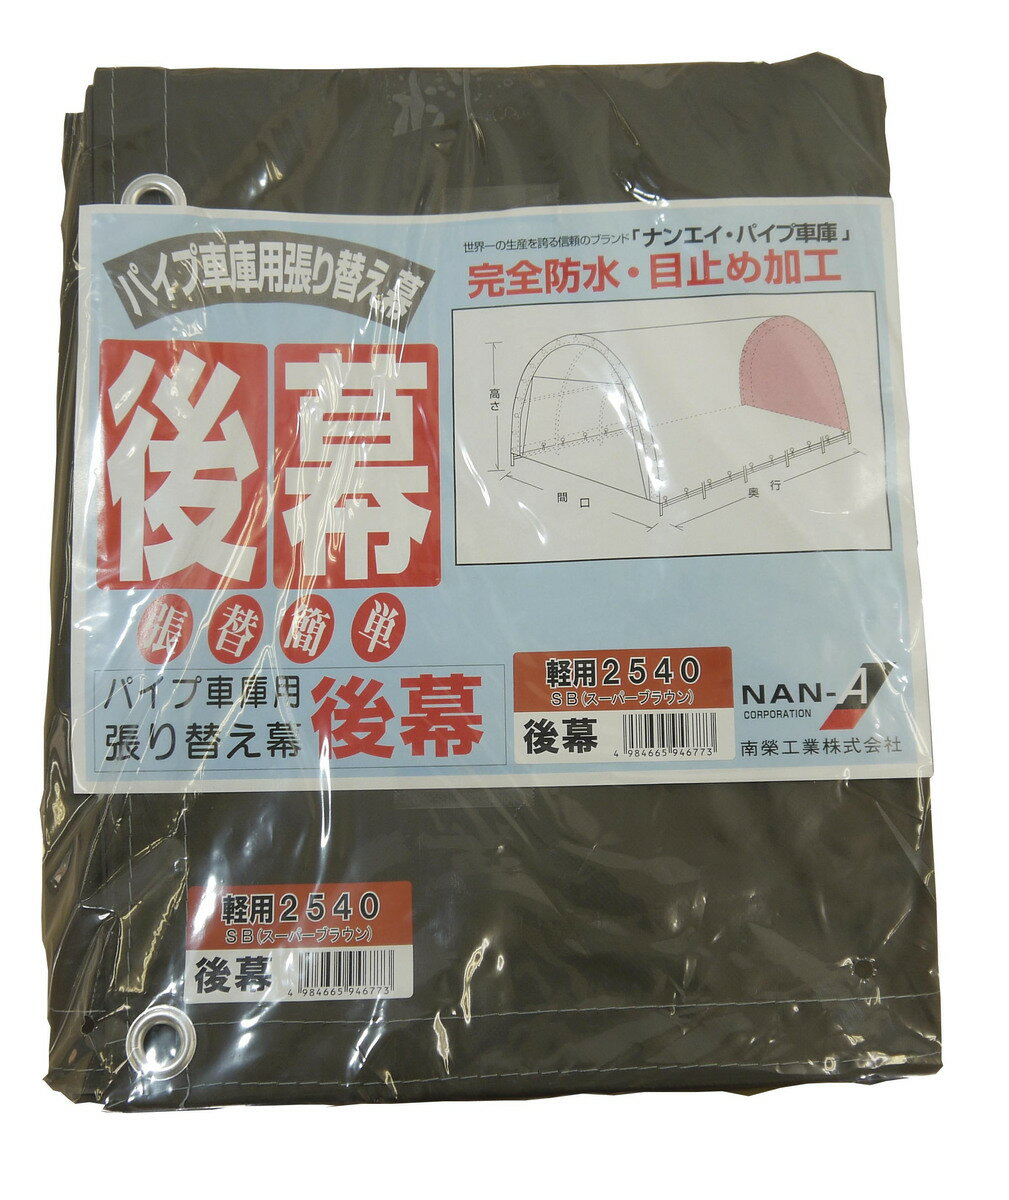 南栄工業 パイプ車庫 張替後幕SB 2540U 2540B用